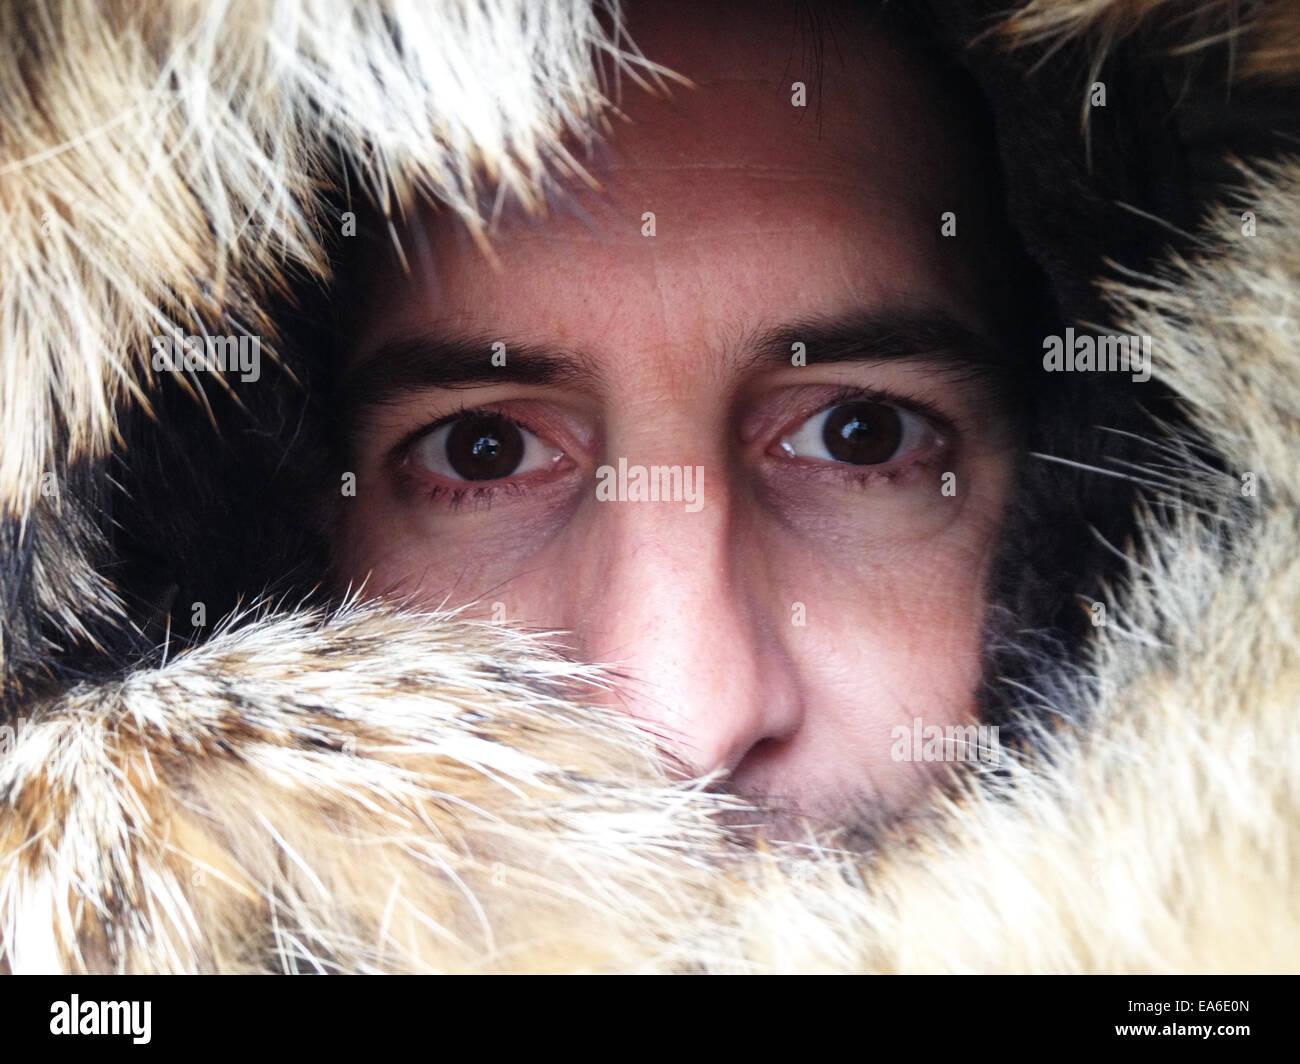 Portrait d'un homme à travers capuche doublée de fourrure Photo Stock